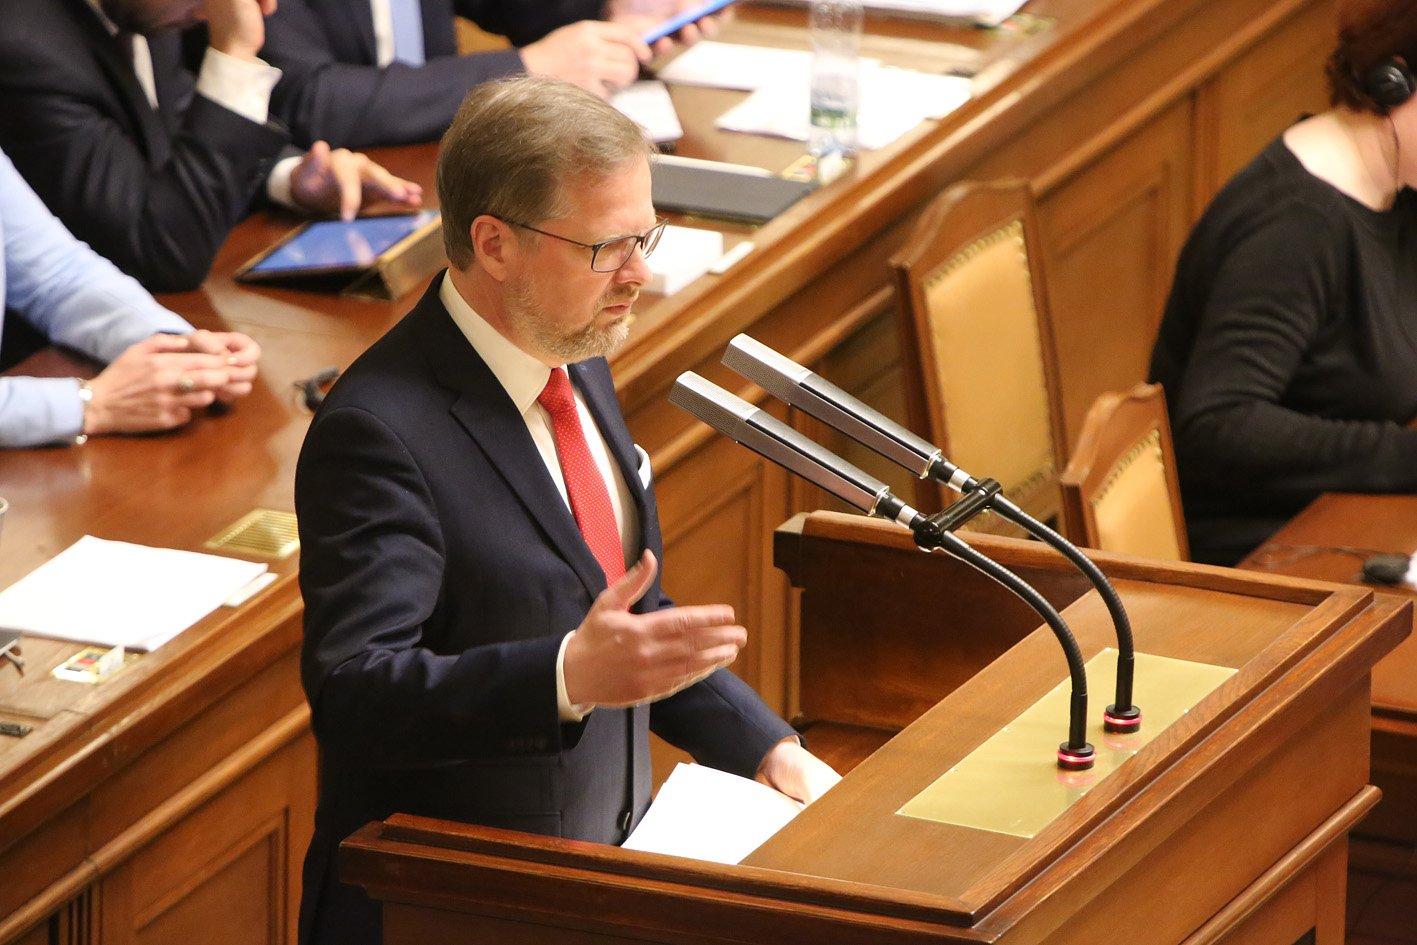 Petr Fiala: Projev na mimořádné schůzi Poslanecké sněmovny k personálním změnám, které provádí vláda bez důvěry